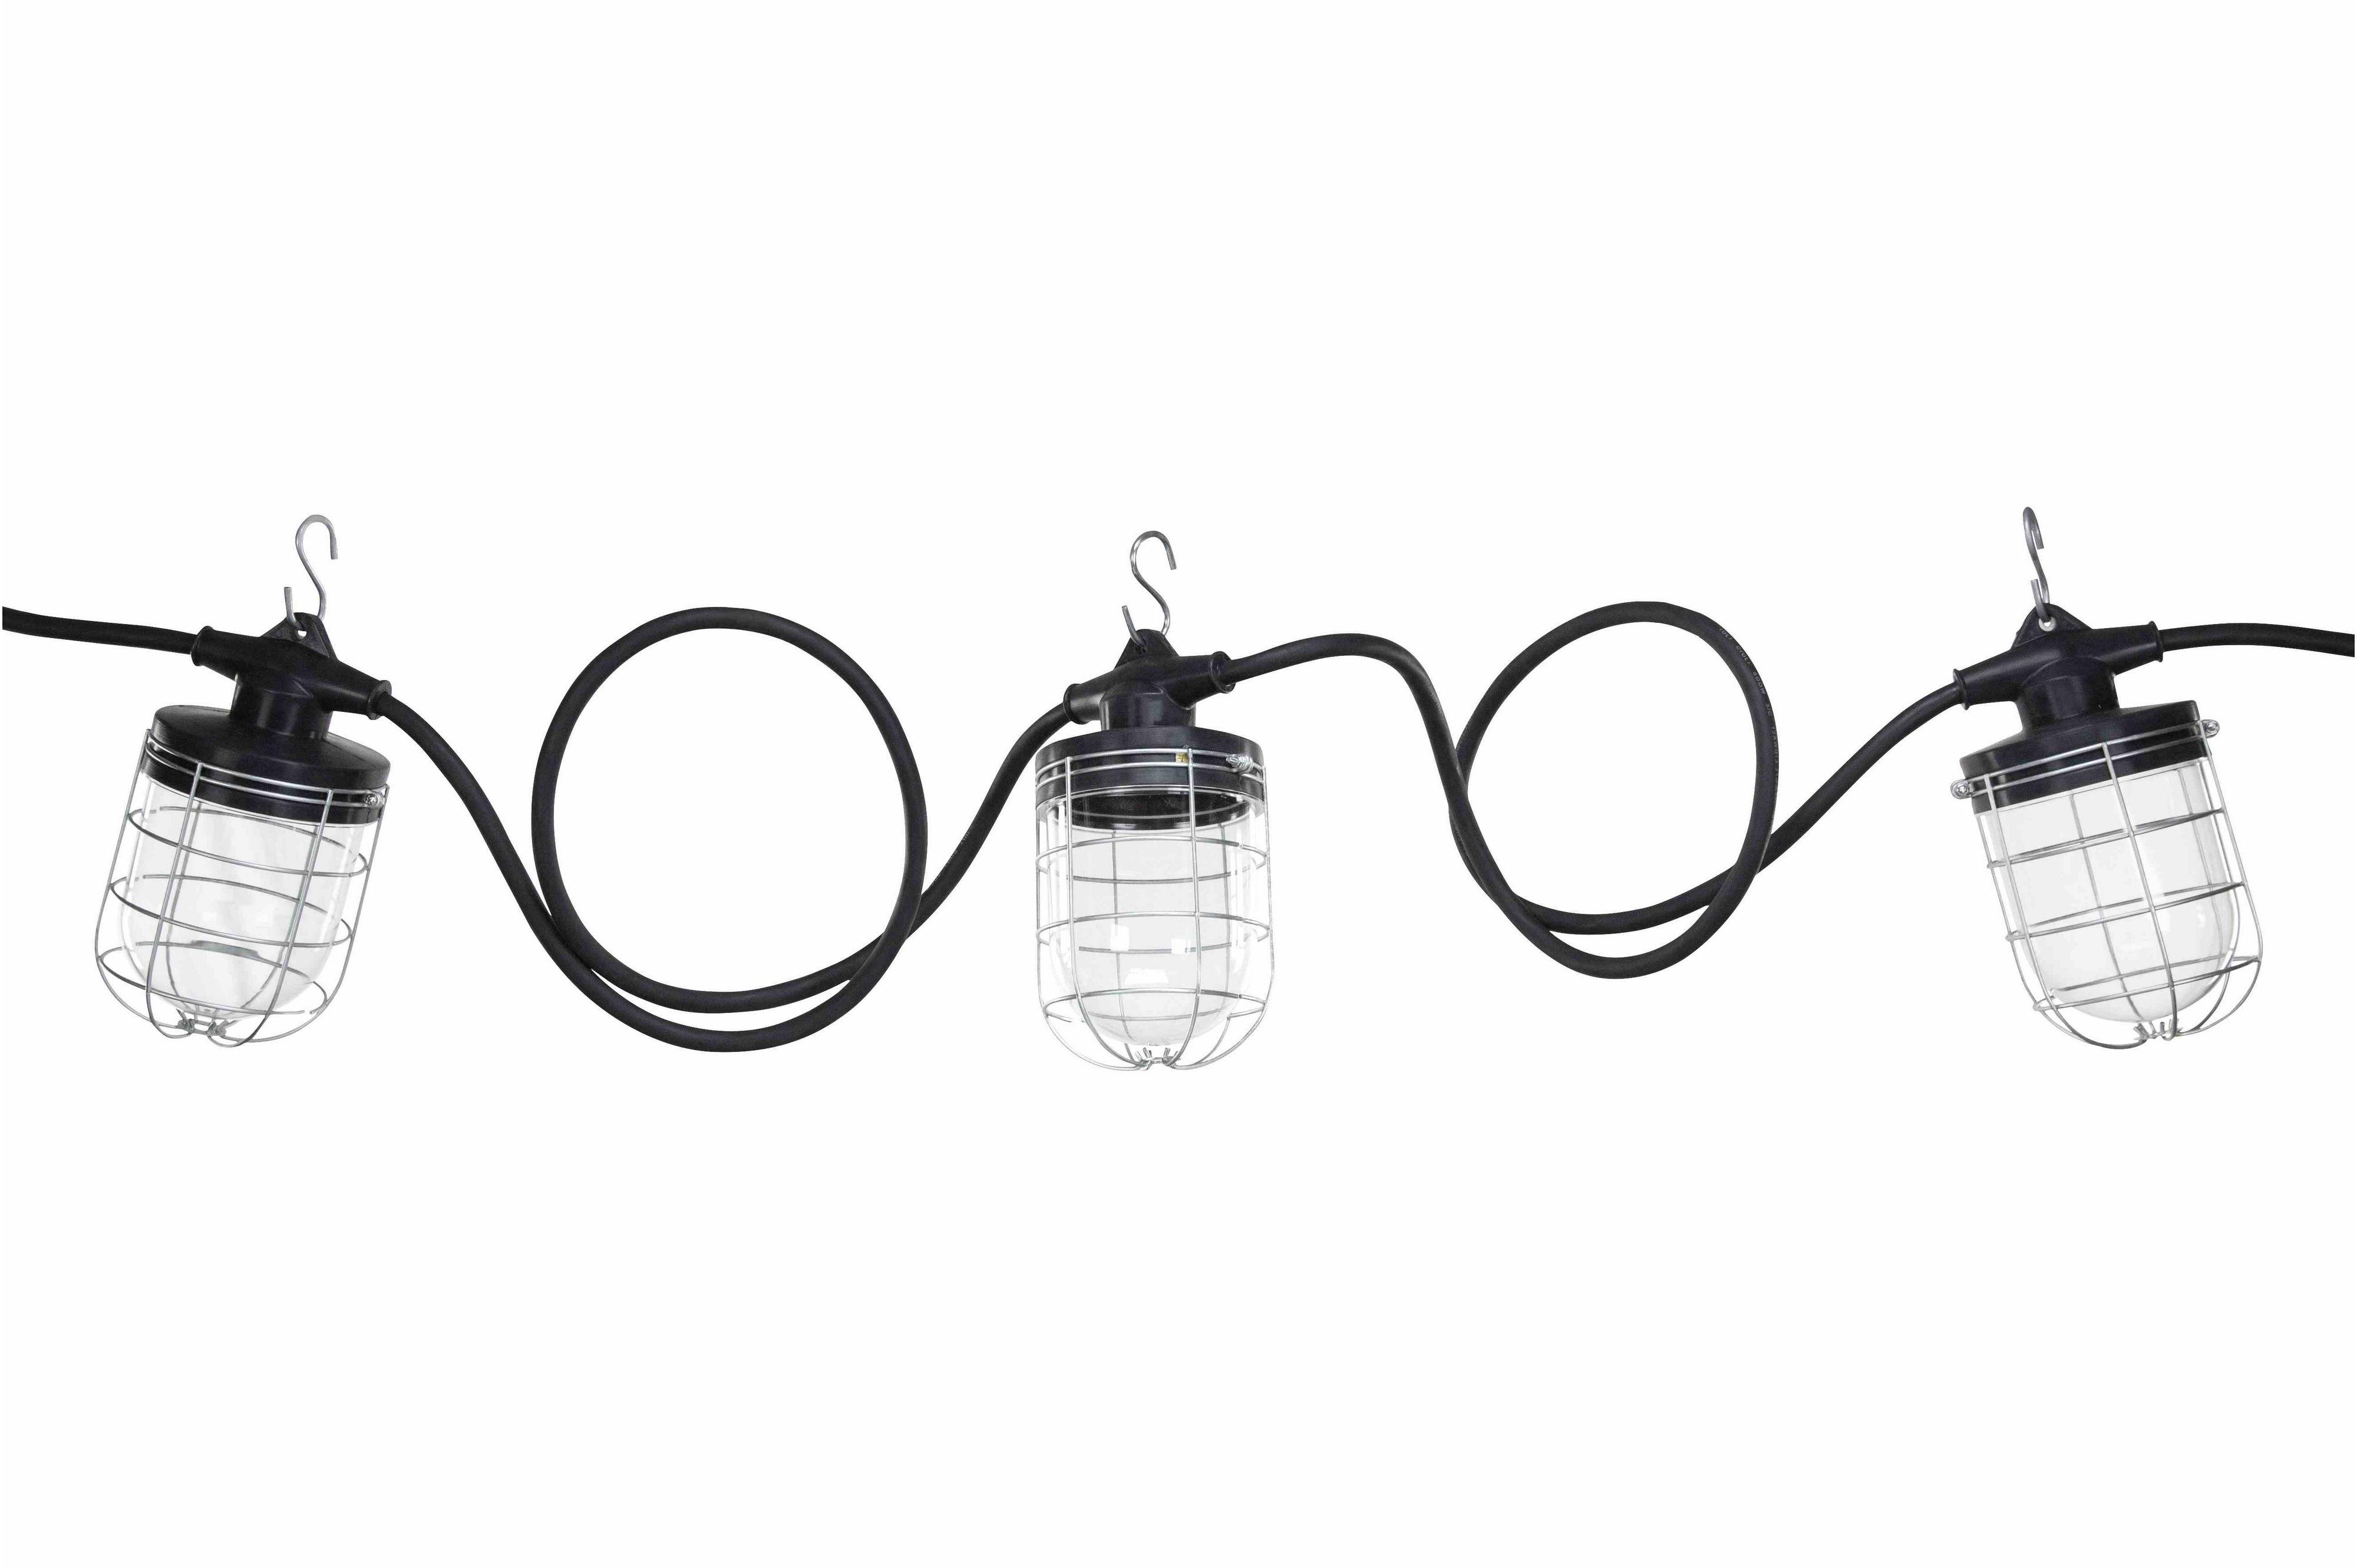 50 Temporary Construction String Light